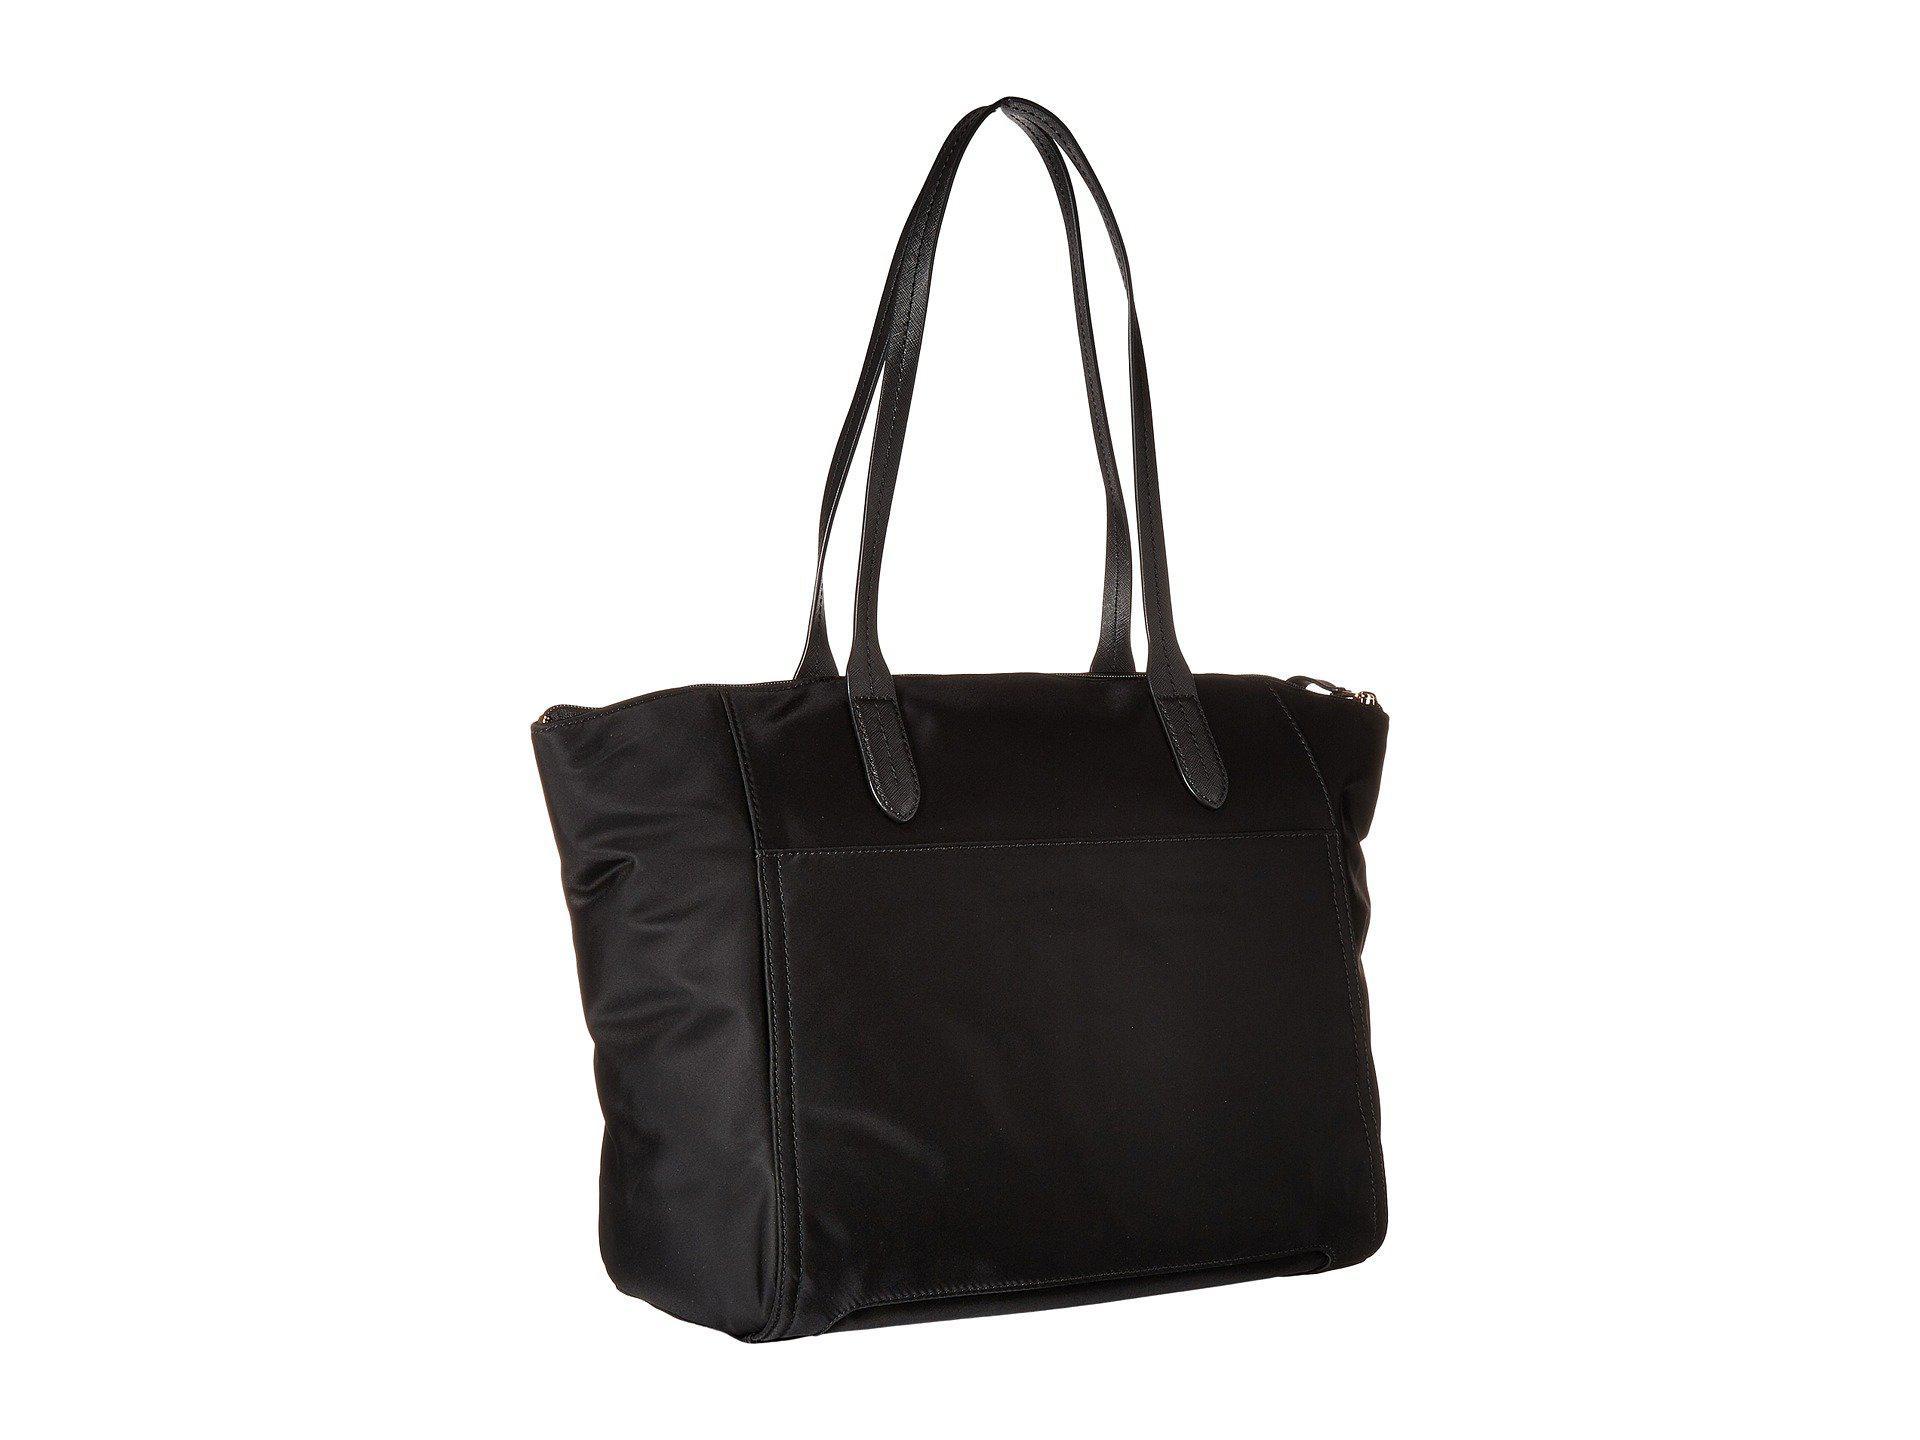 7d7c8a889037 MICHAEL Michael Kors - Nylon Kelsey Large Top Zip Tote (black) Tote Handbags  -. View fullscreen